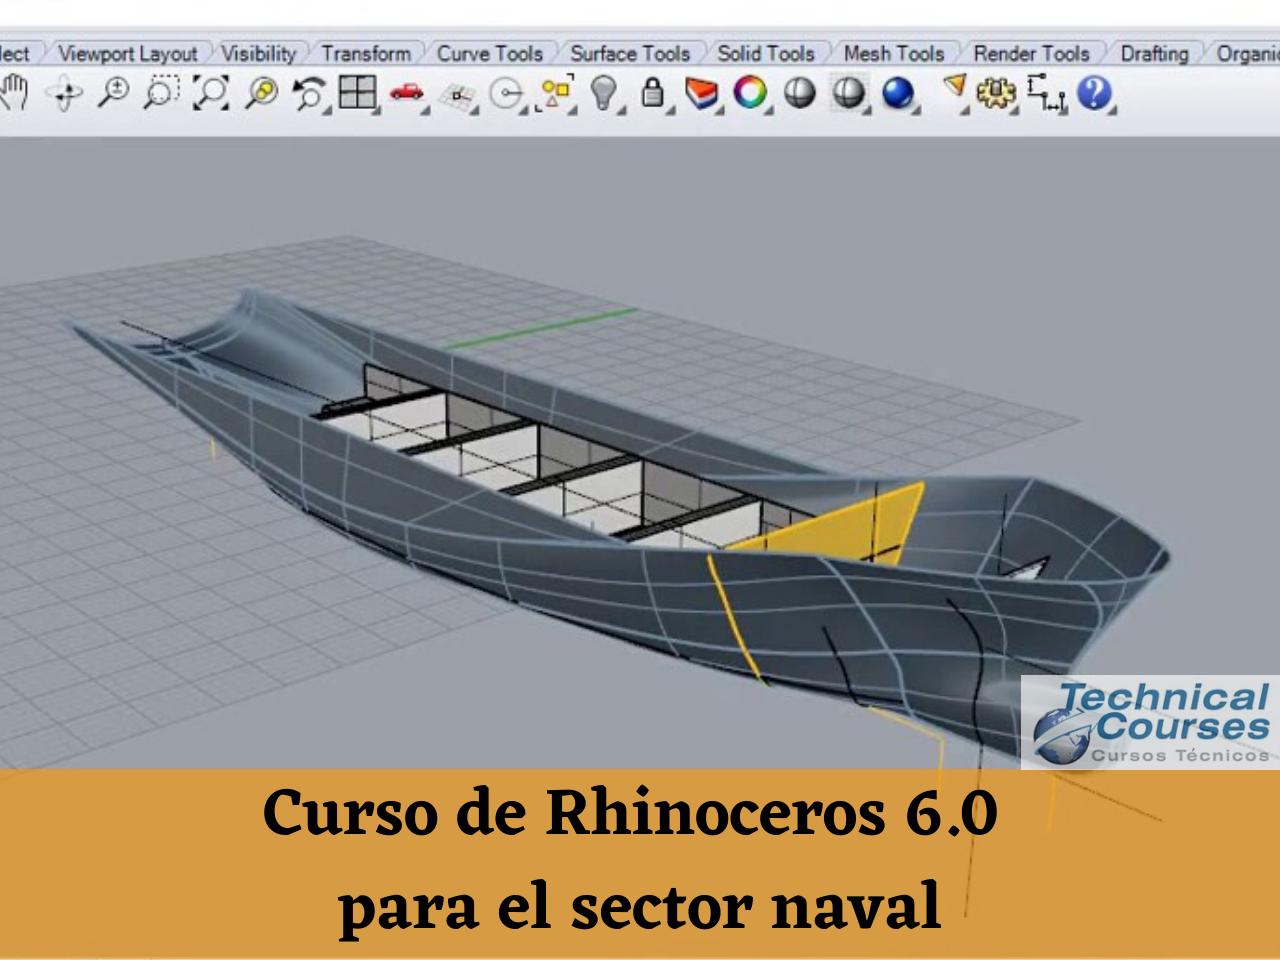 Rhinoceros 6.0 para el sector naval